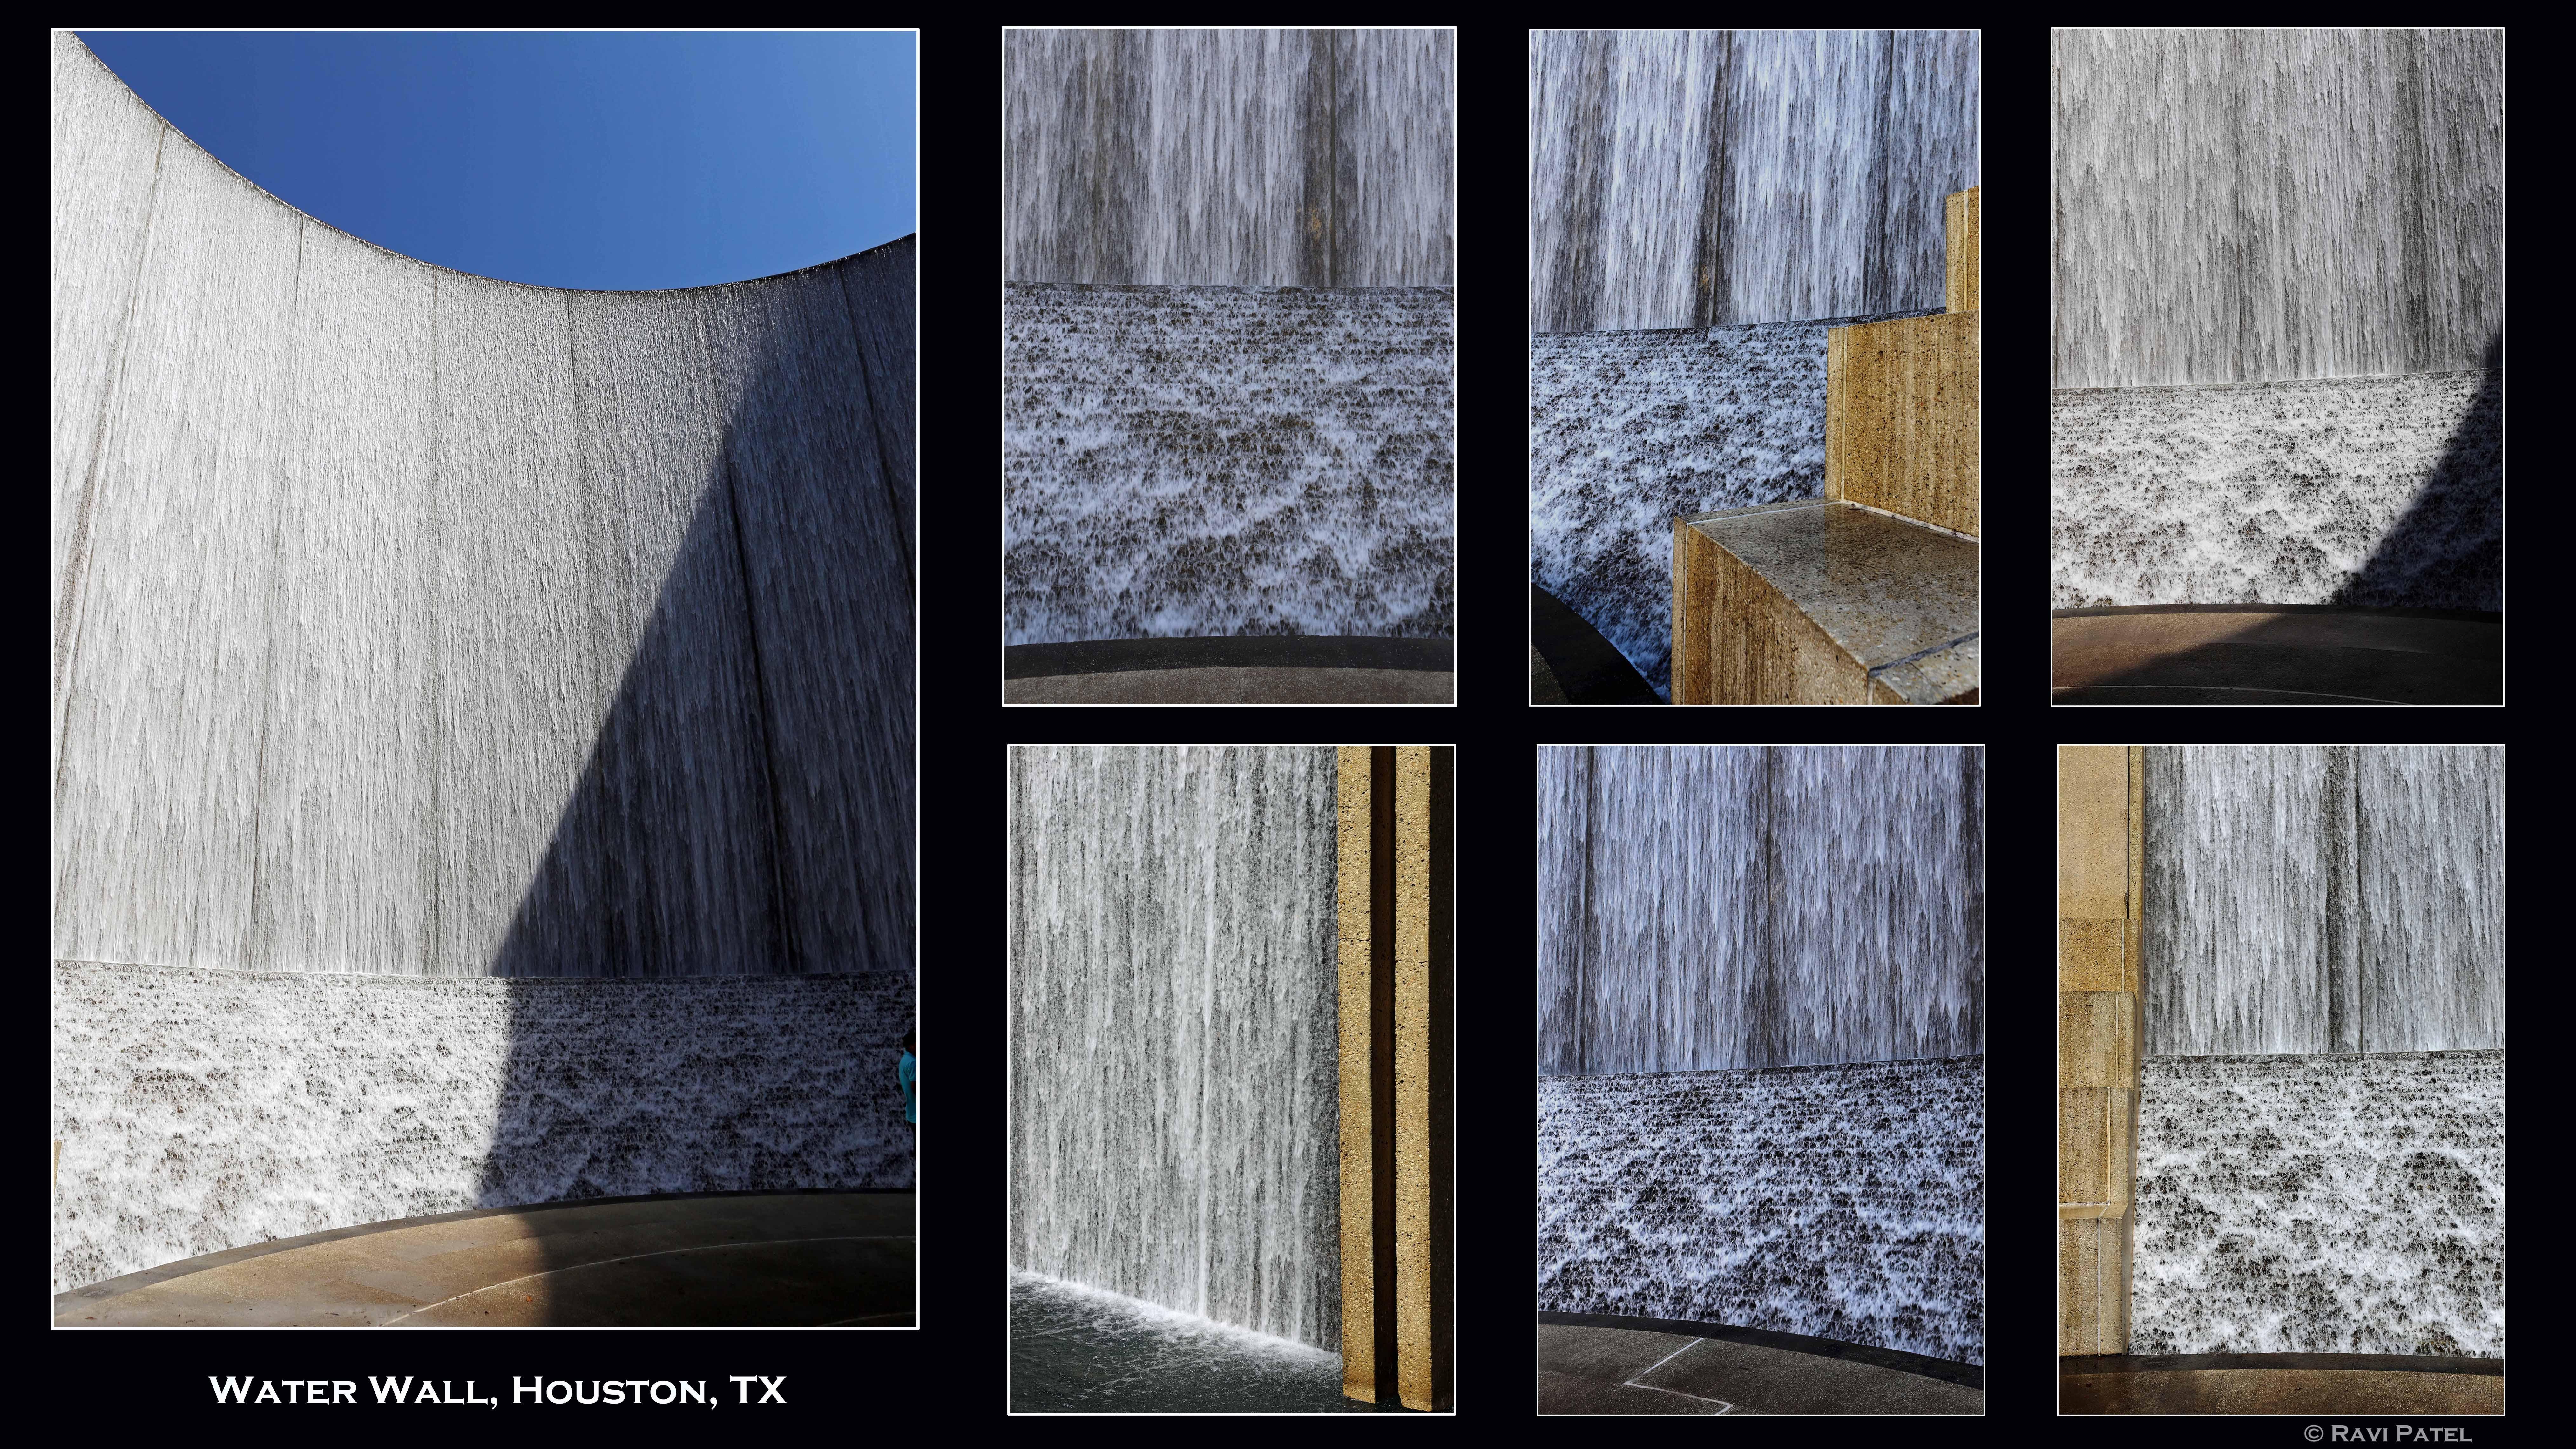 texas u2013 houston u2013 water wall